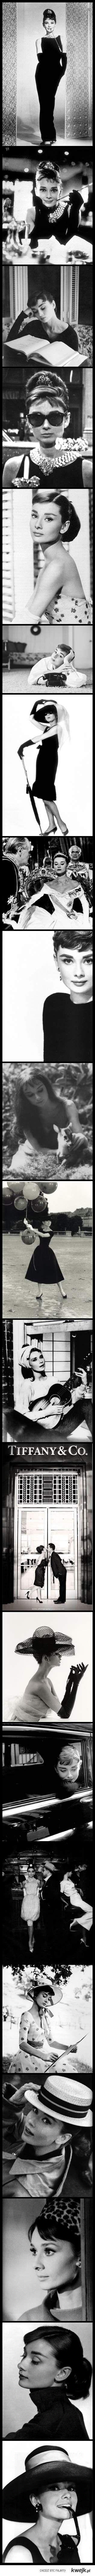 Audrey Hepburn. S)